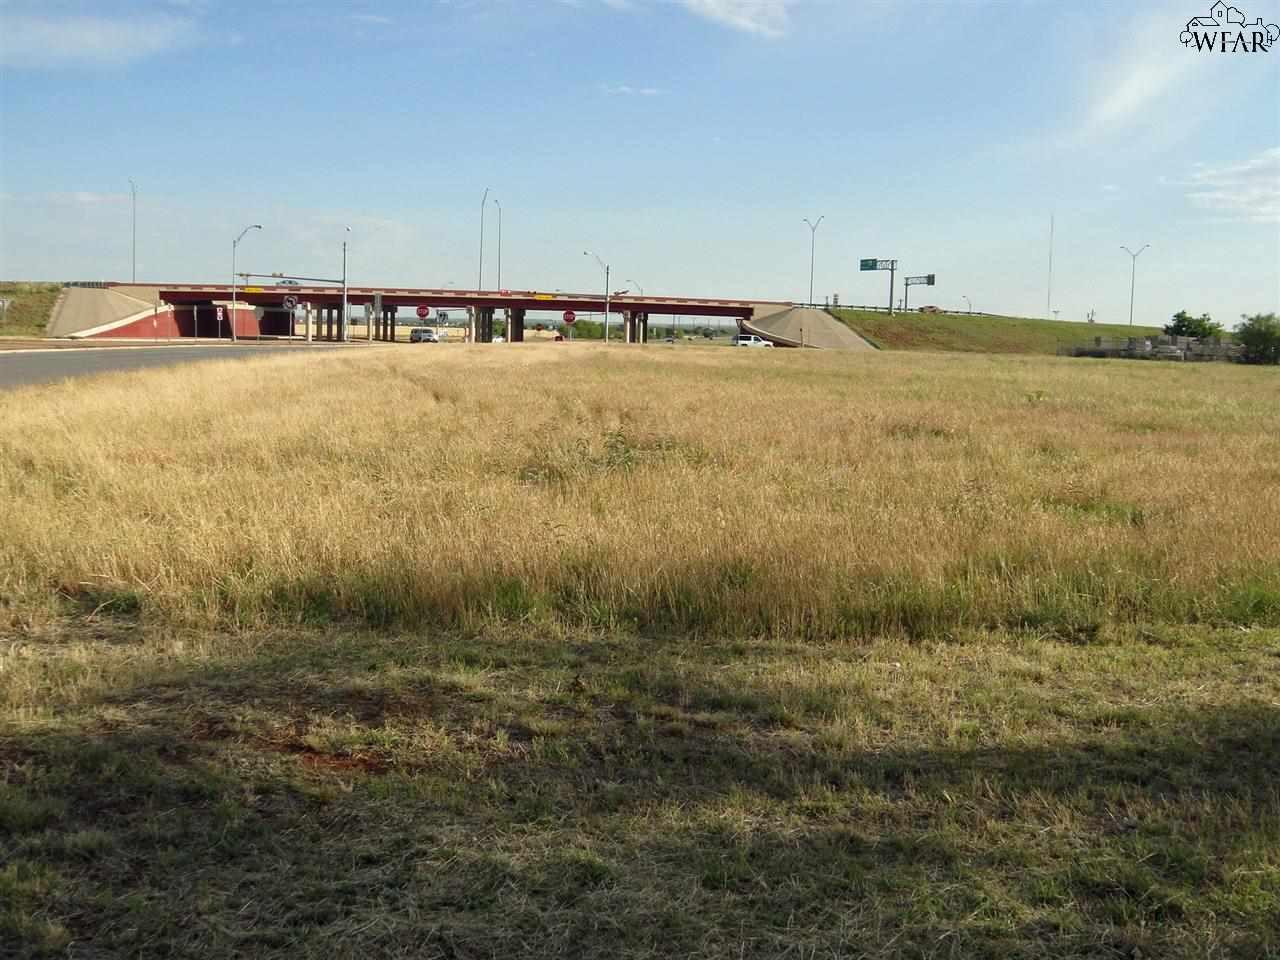 6774 SOUTHWEST PARKWAY, Wichita Falls, TX 76310